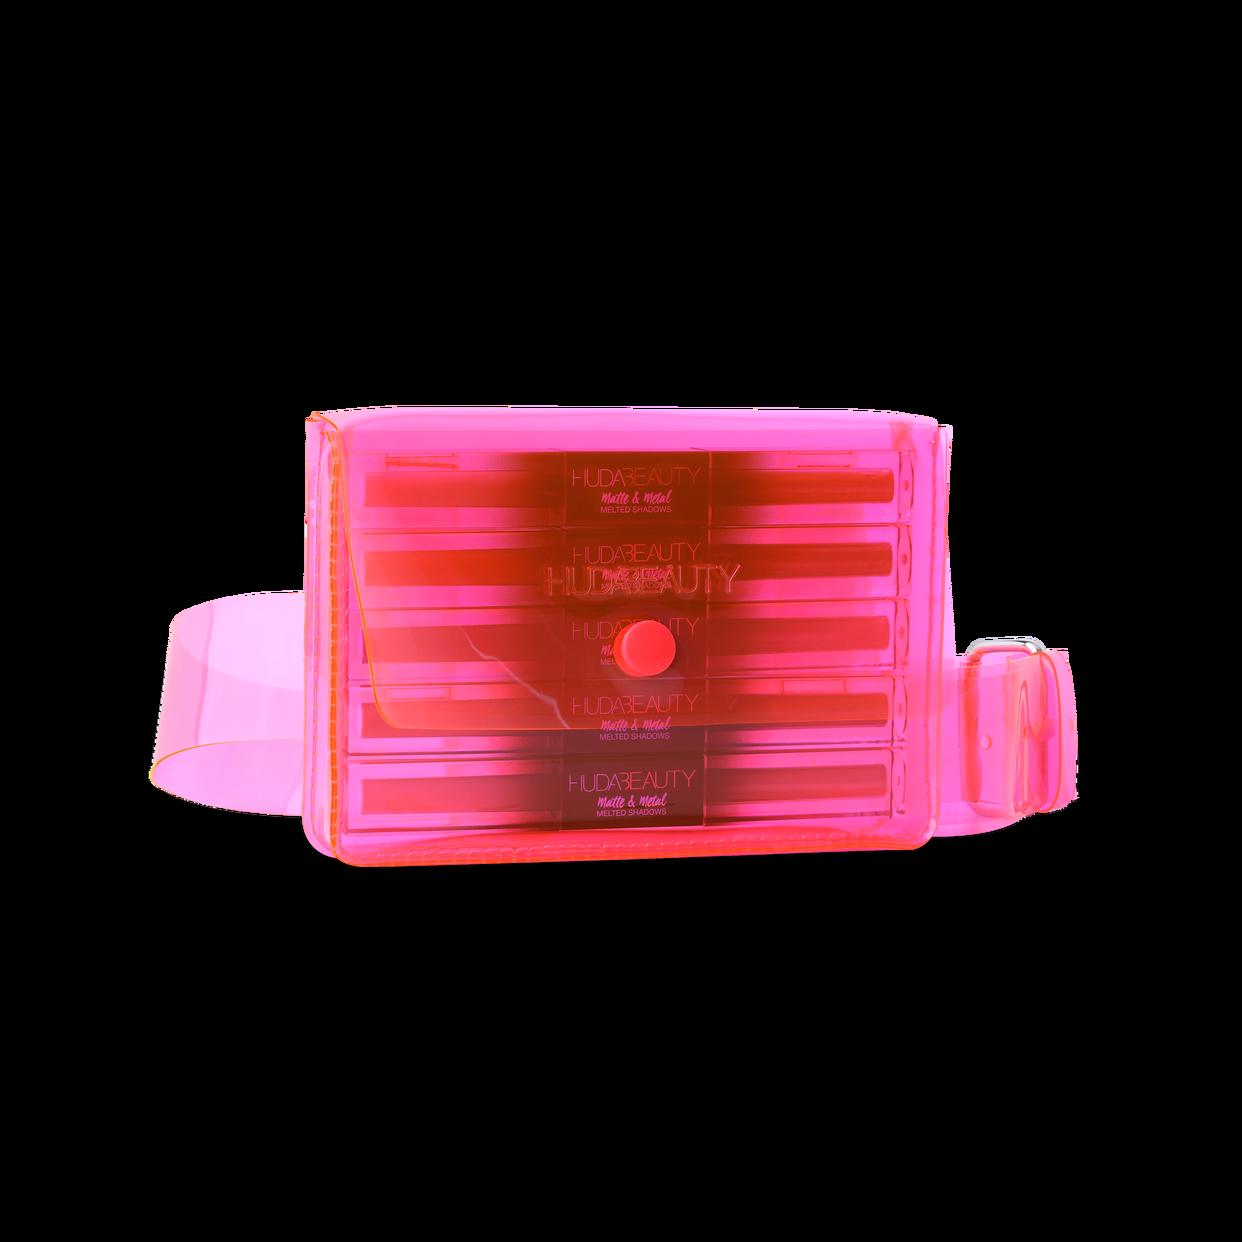 Huda Beauty 5 Melted Shadows + Pink Belt Bag